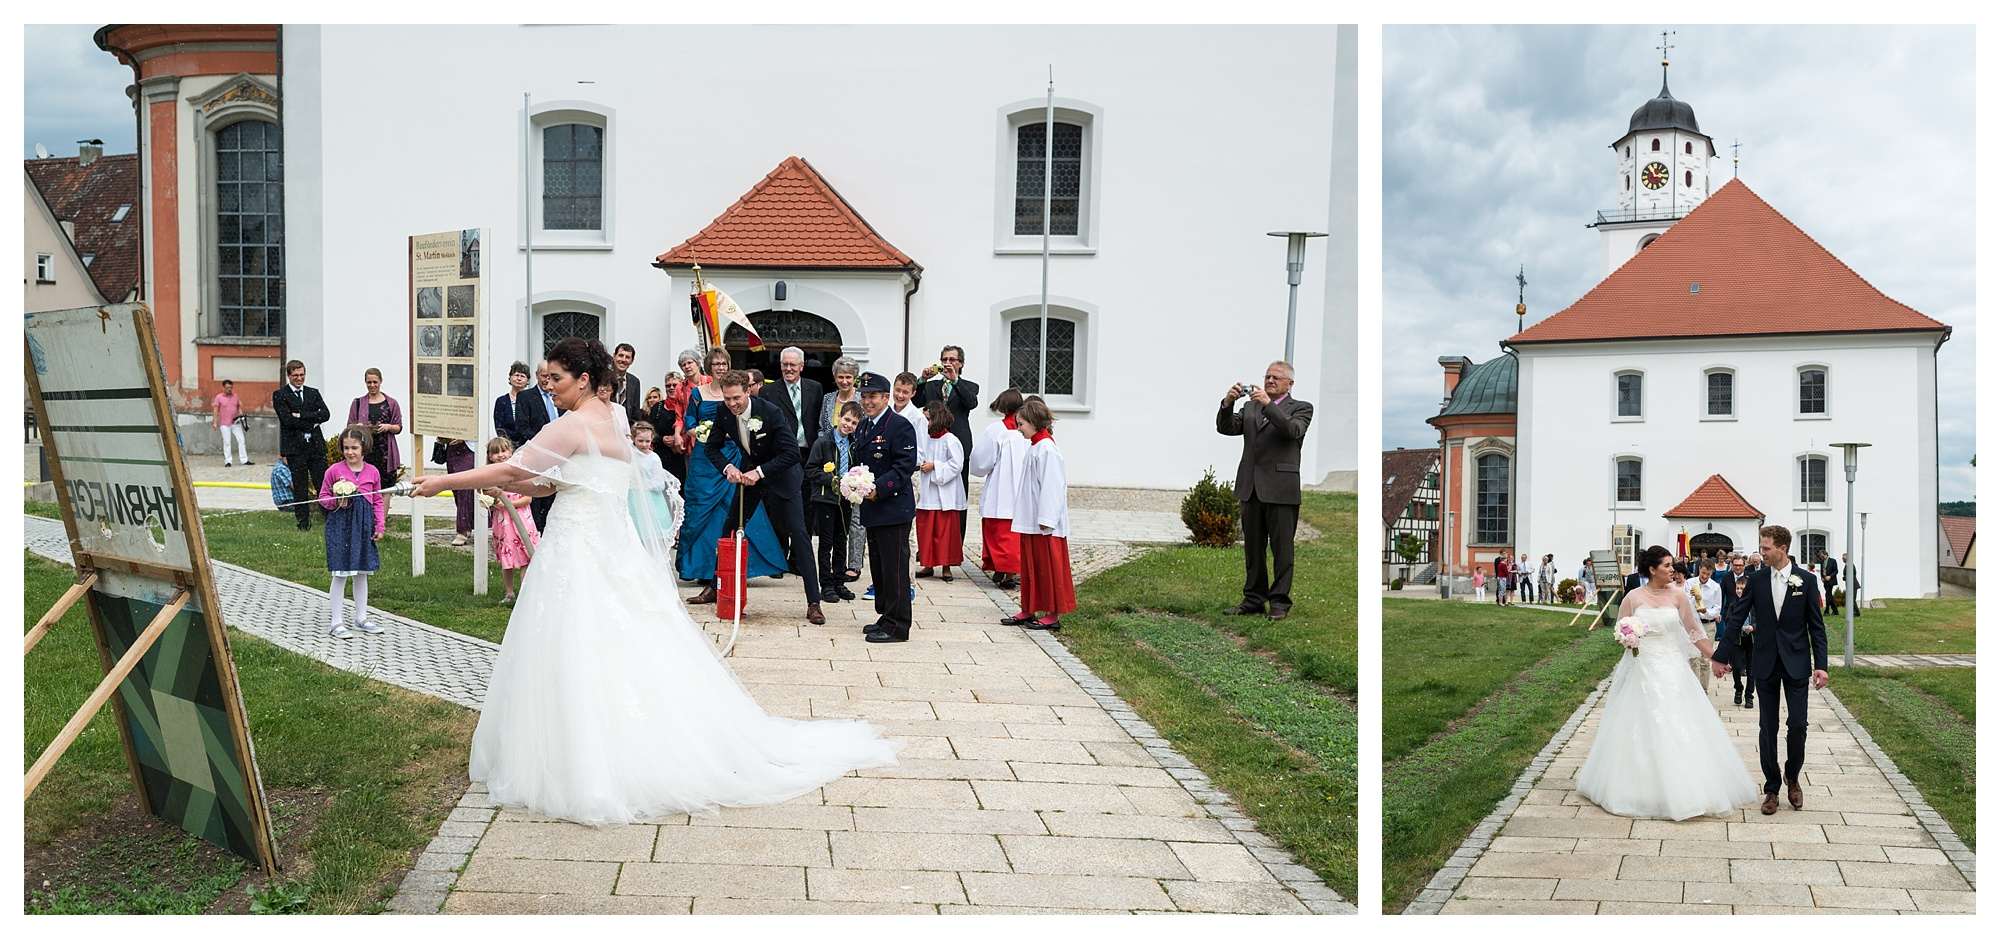 Fotograf Konstanz - Hochzeit Tanja Elmar Elmar Feuerbacher Photography Konstanz Messkirch Highlights 042 - Hochzeitsreportage von Tanja und Elmar im Schloss Meßkirch  - 146 -